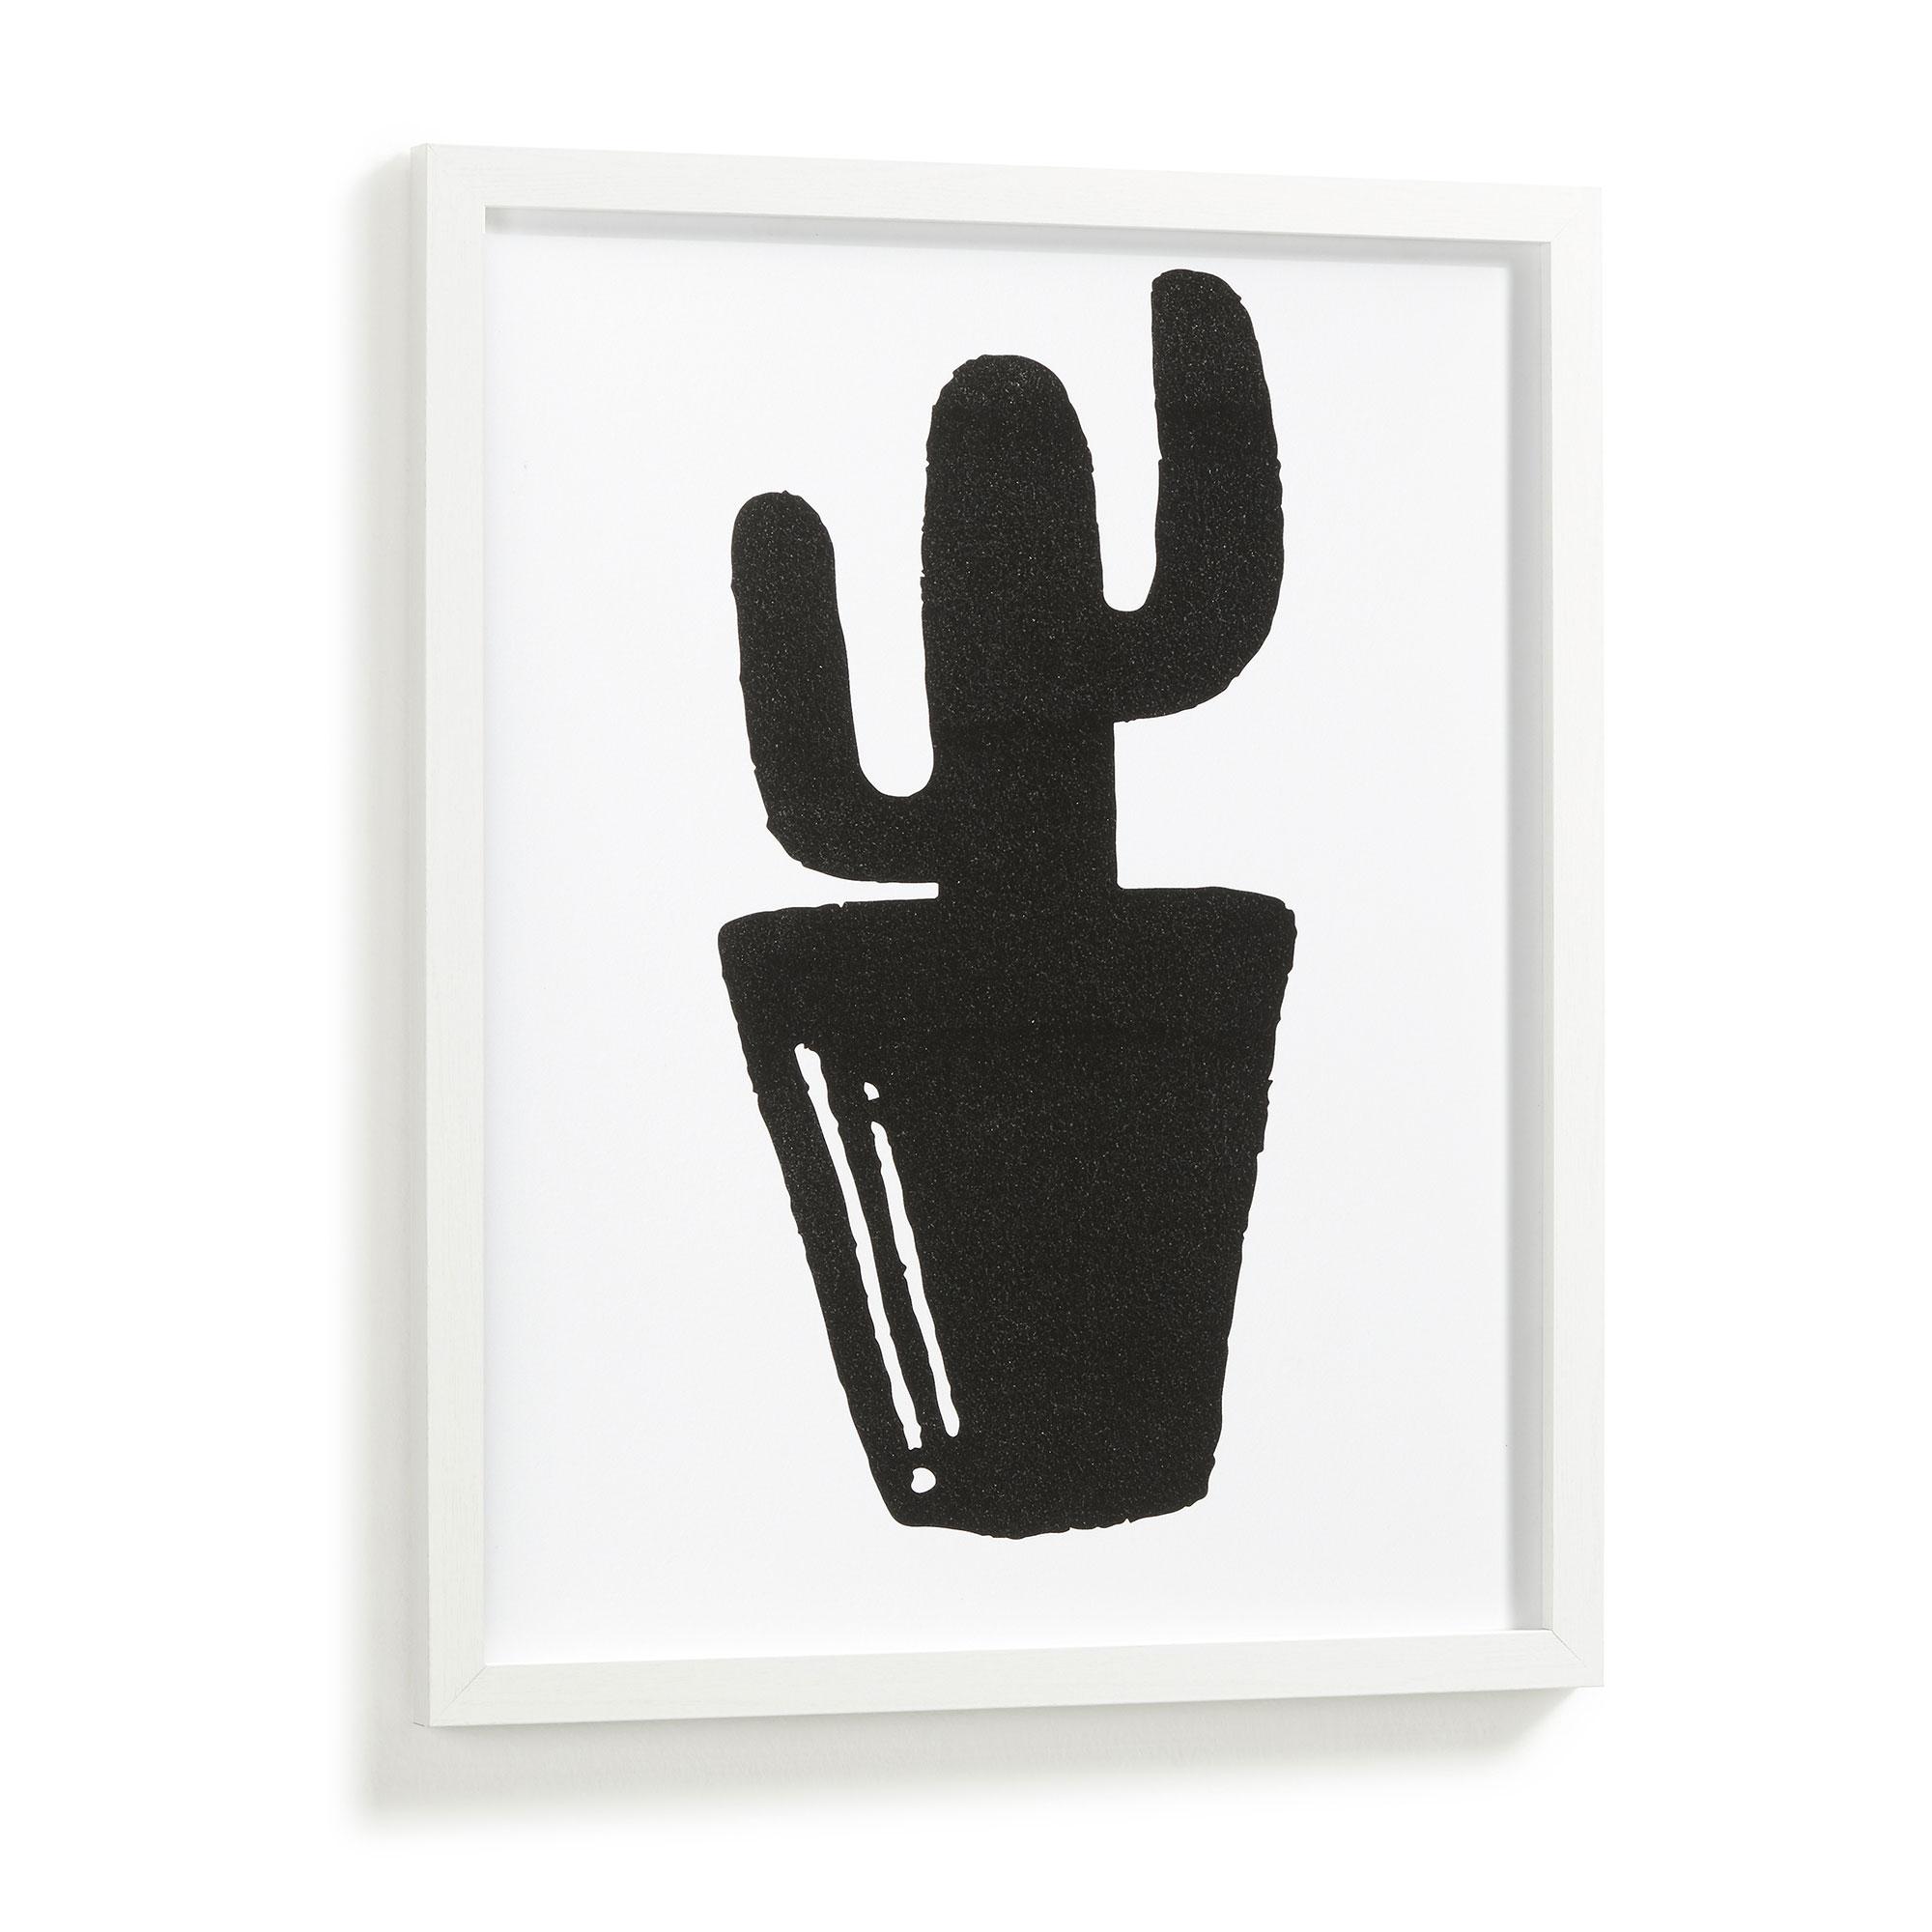 Kave Home Wandbord 'Apec' Cactus